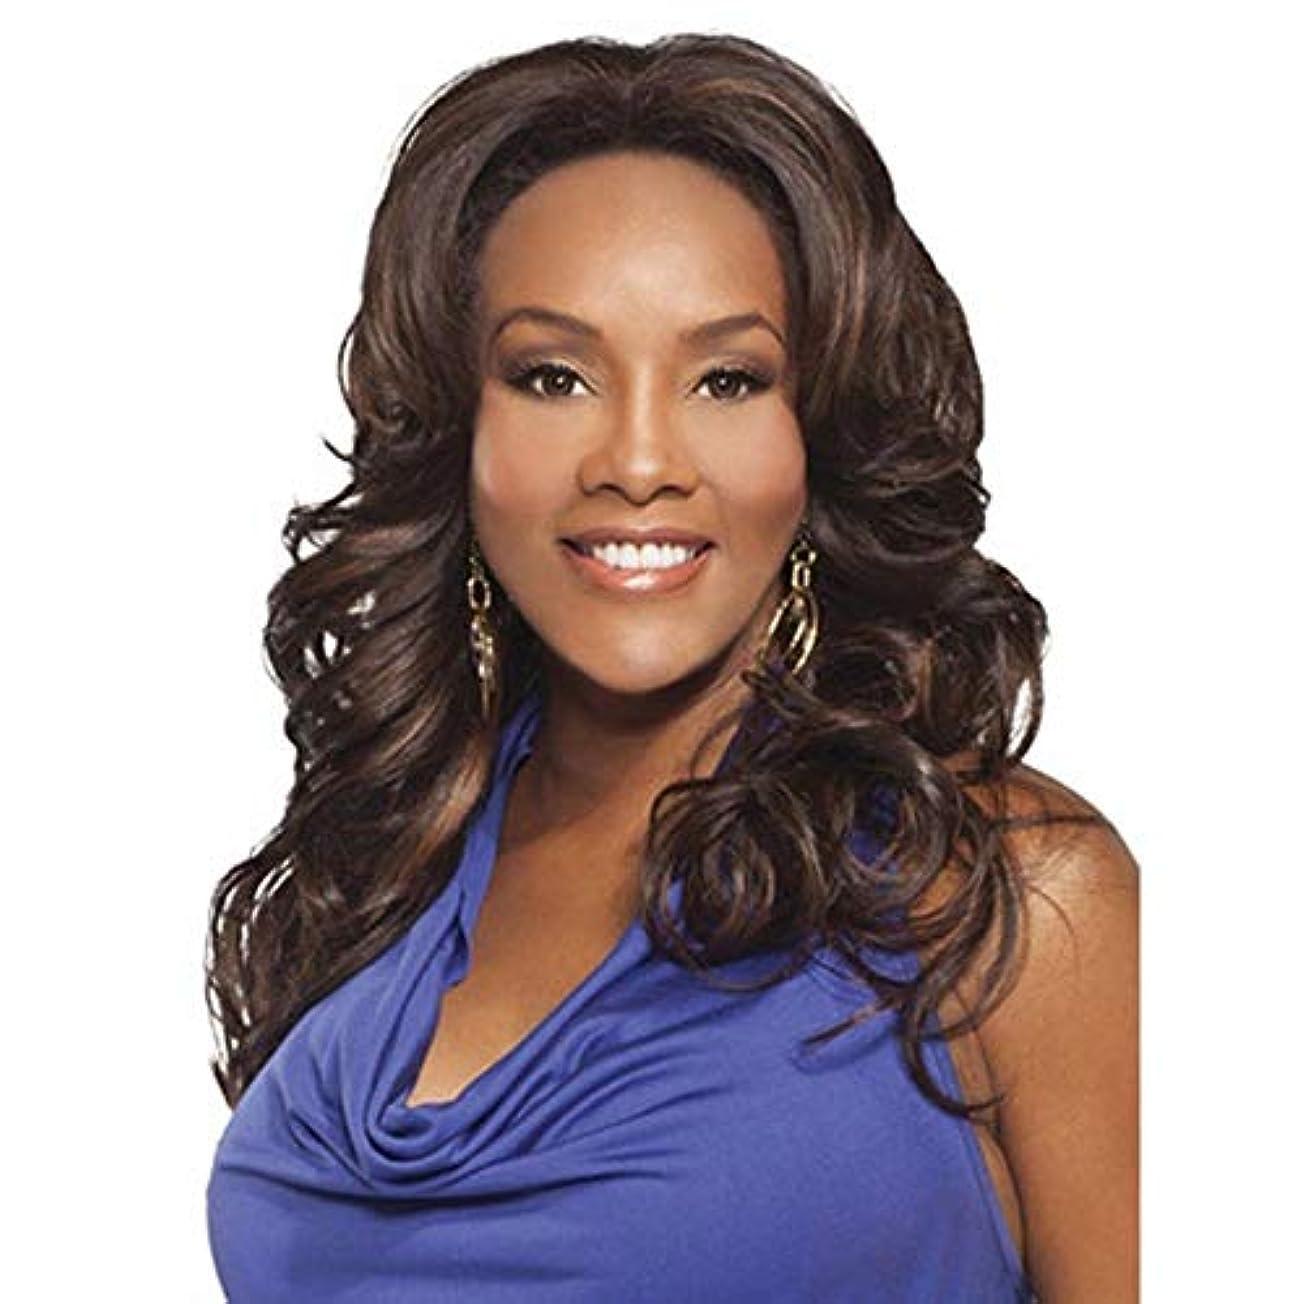 シミュレートする相反する蒸WASAIO 黒人女性完全な頭部の髪ダークブラウンコスプレパーティーウィッグまたは日常生活+無料ウィッグキャップ用ウィッグ (色 : ブラウン)